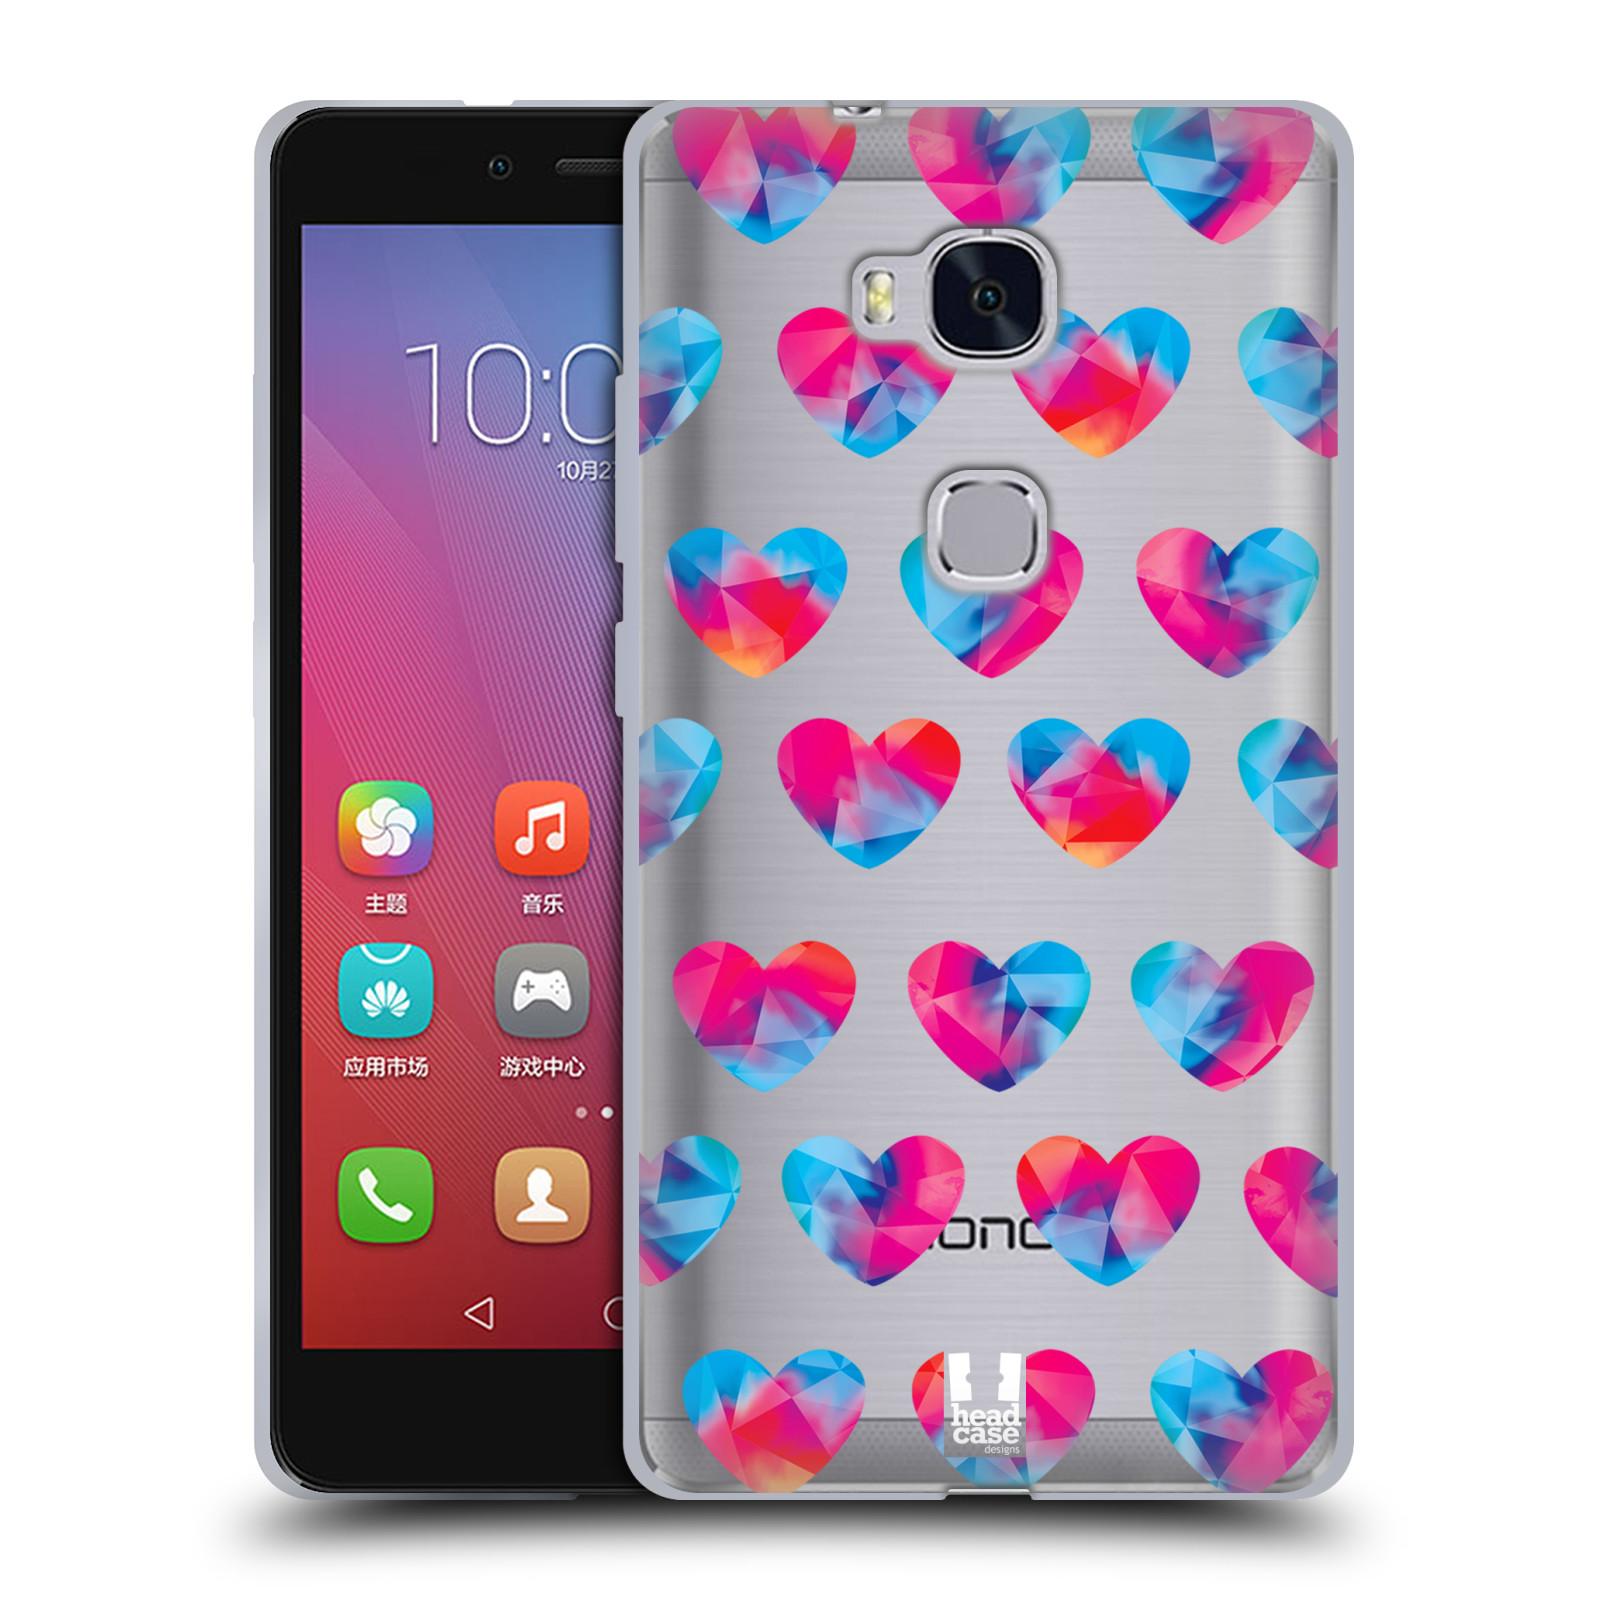 Silikonové pouzdro na mobil Honor 5X - Head Case - Srdíčka hrající barvami